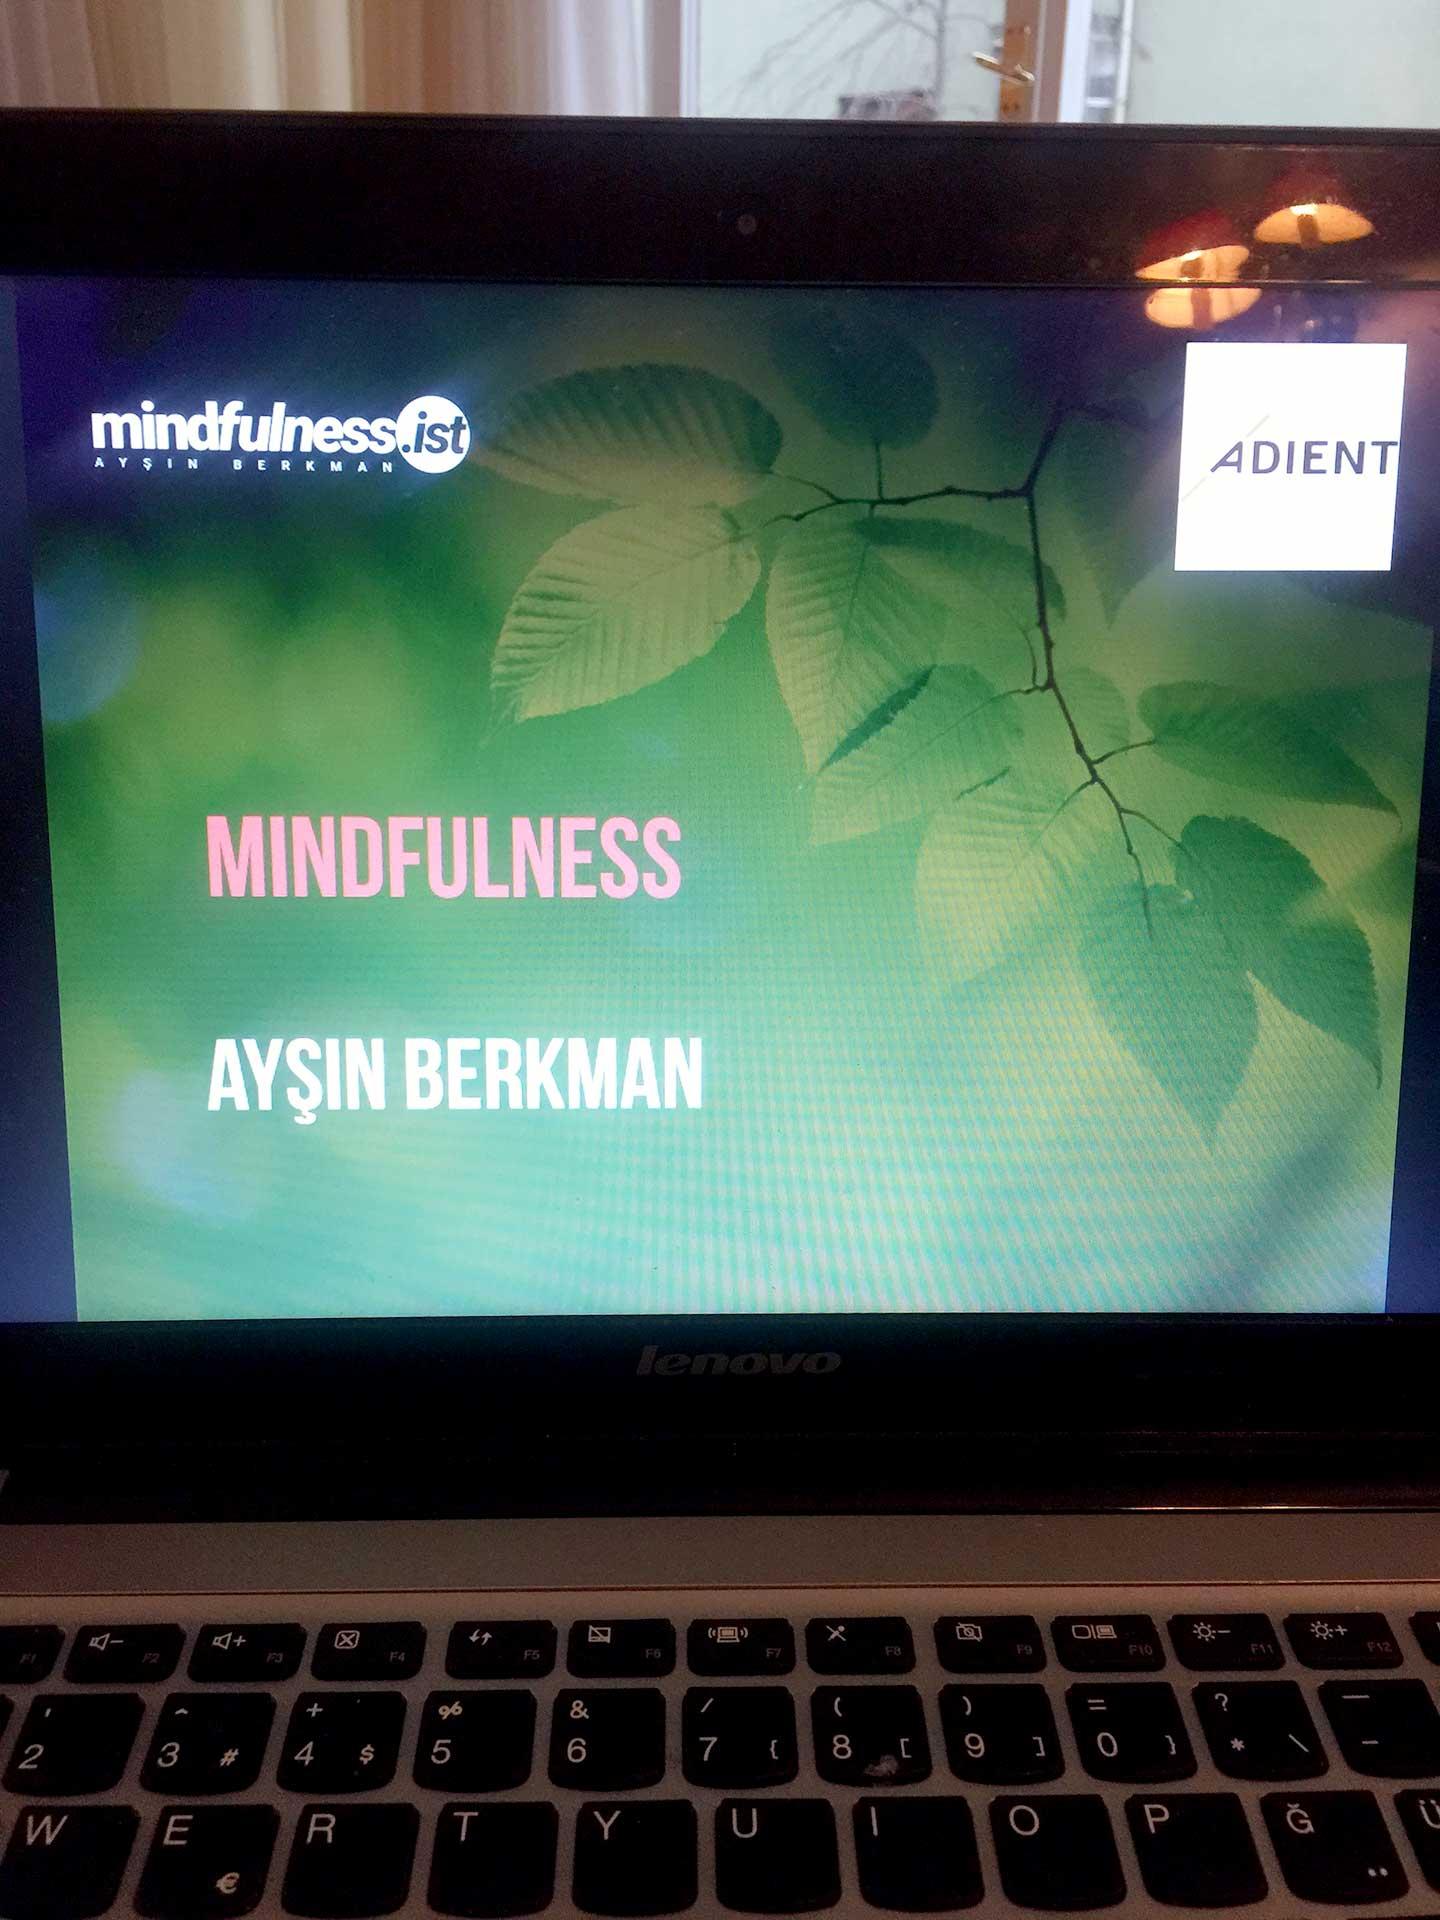 mindfulness egitimi adient 1